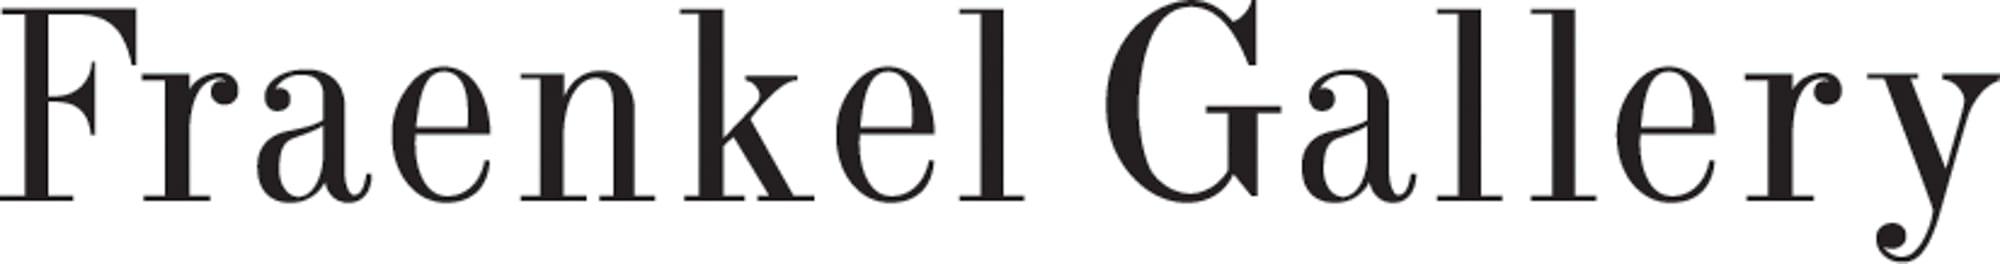 Fraenkel Gallery company logo